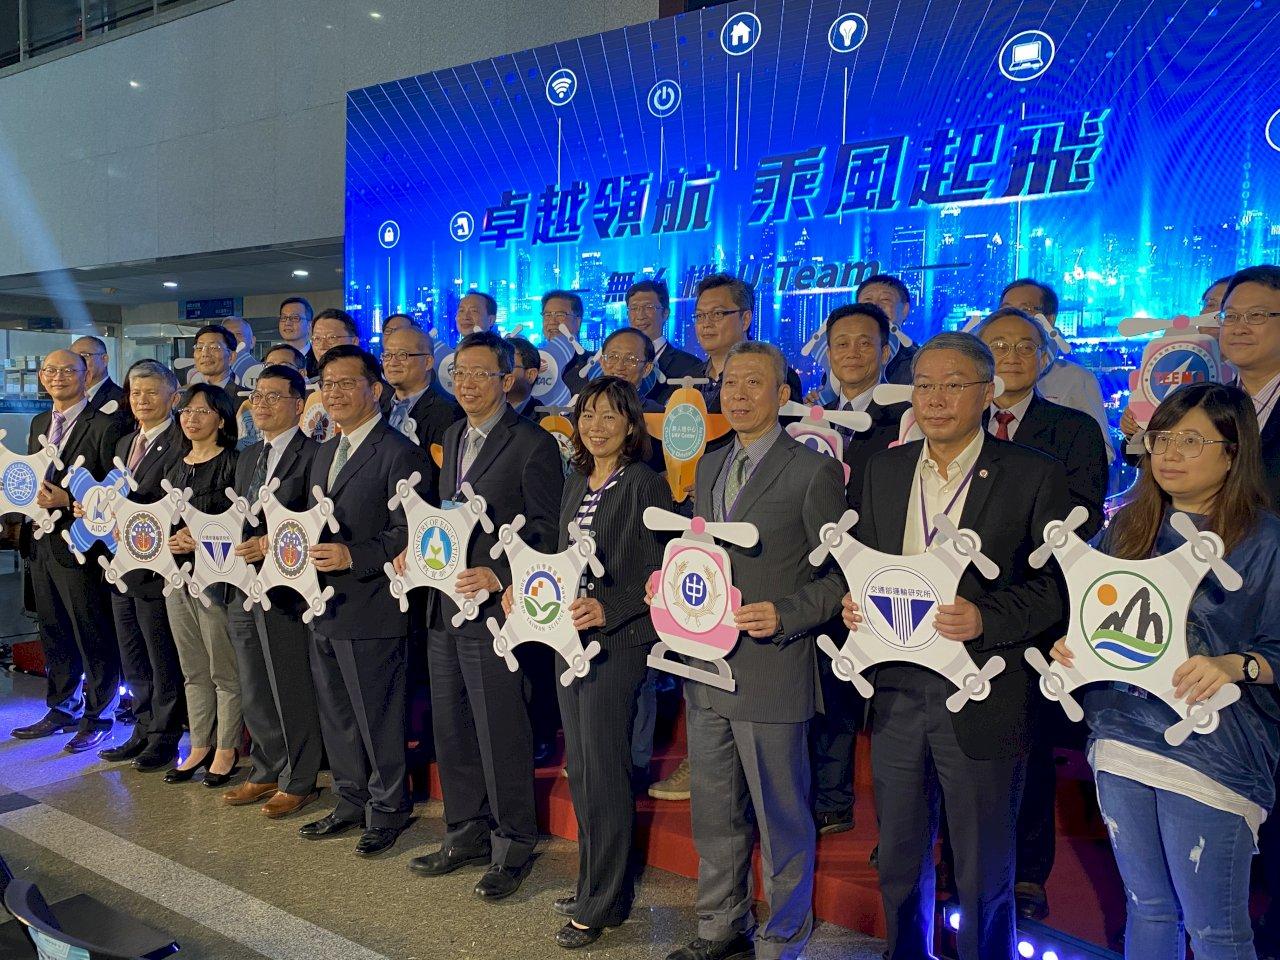 迎接UAV新藍海 交部打造無人機高科技產業國家隊